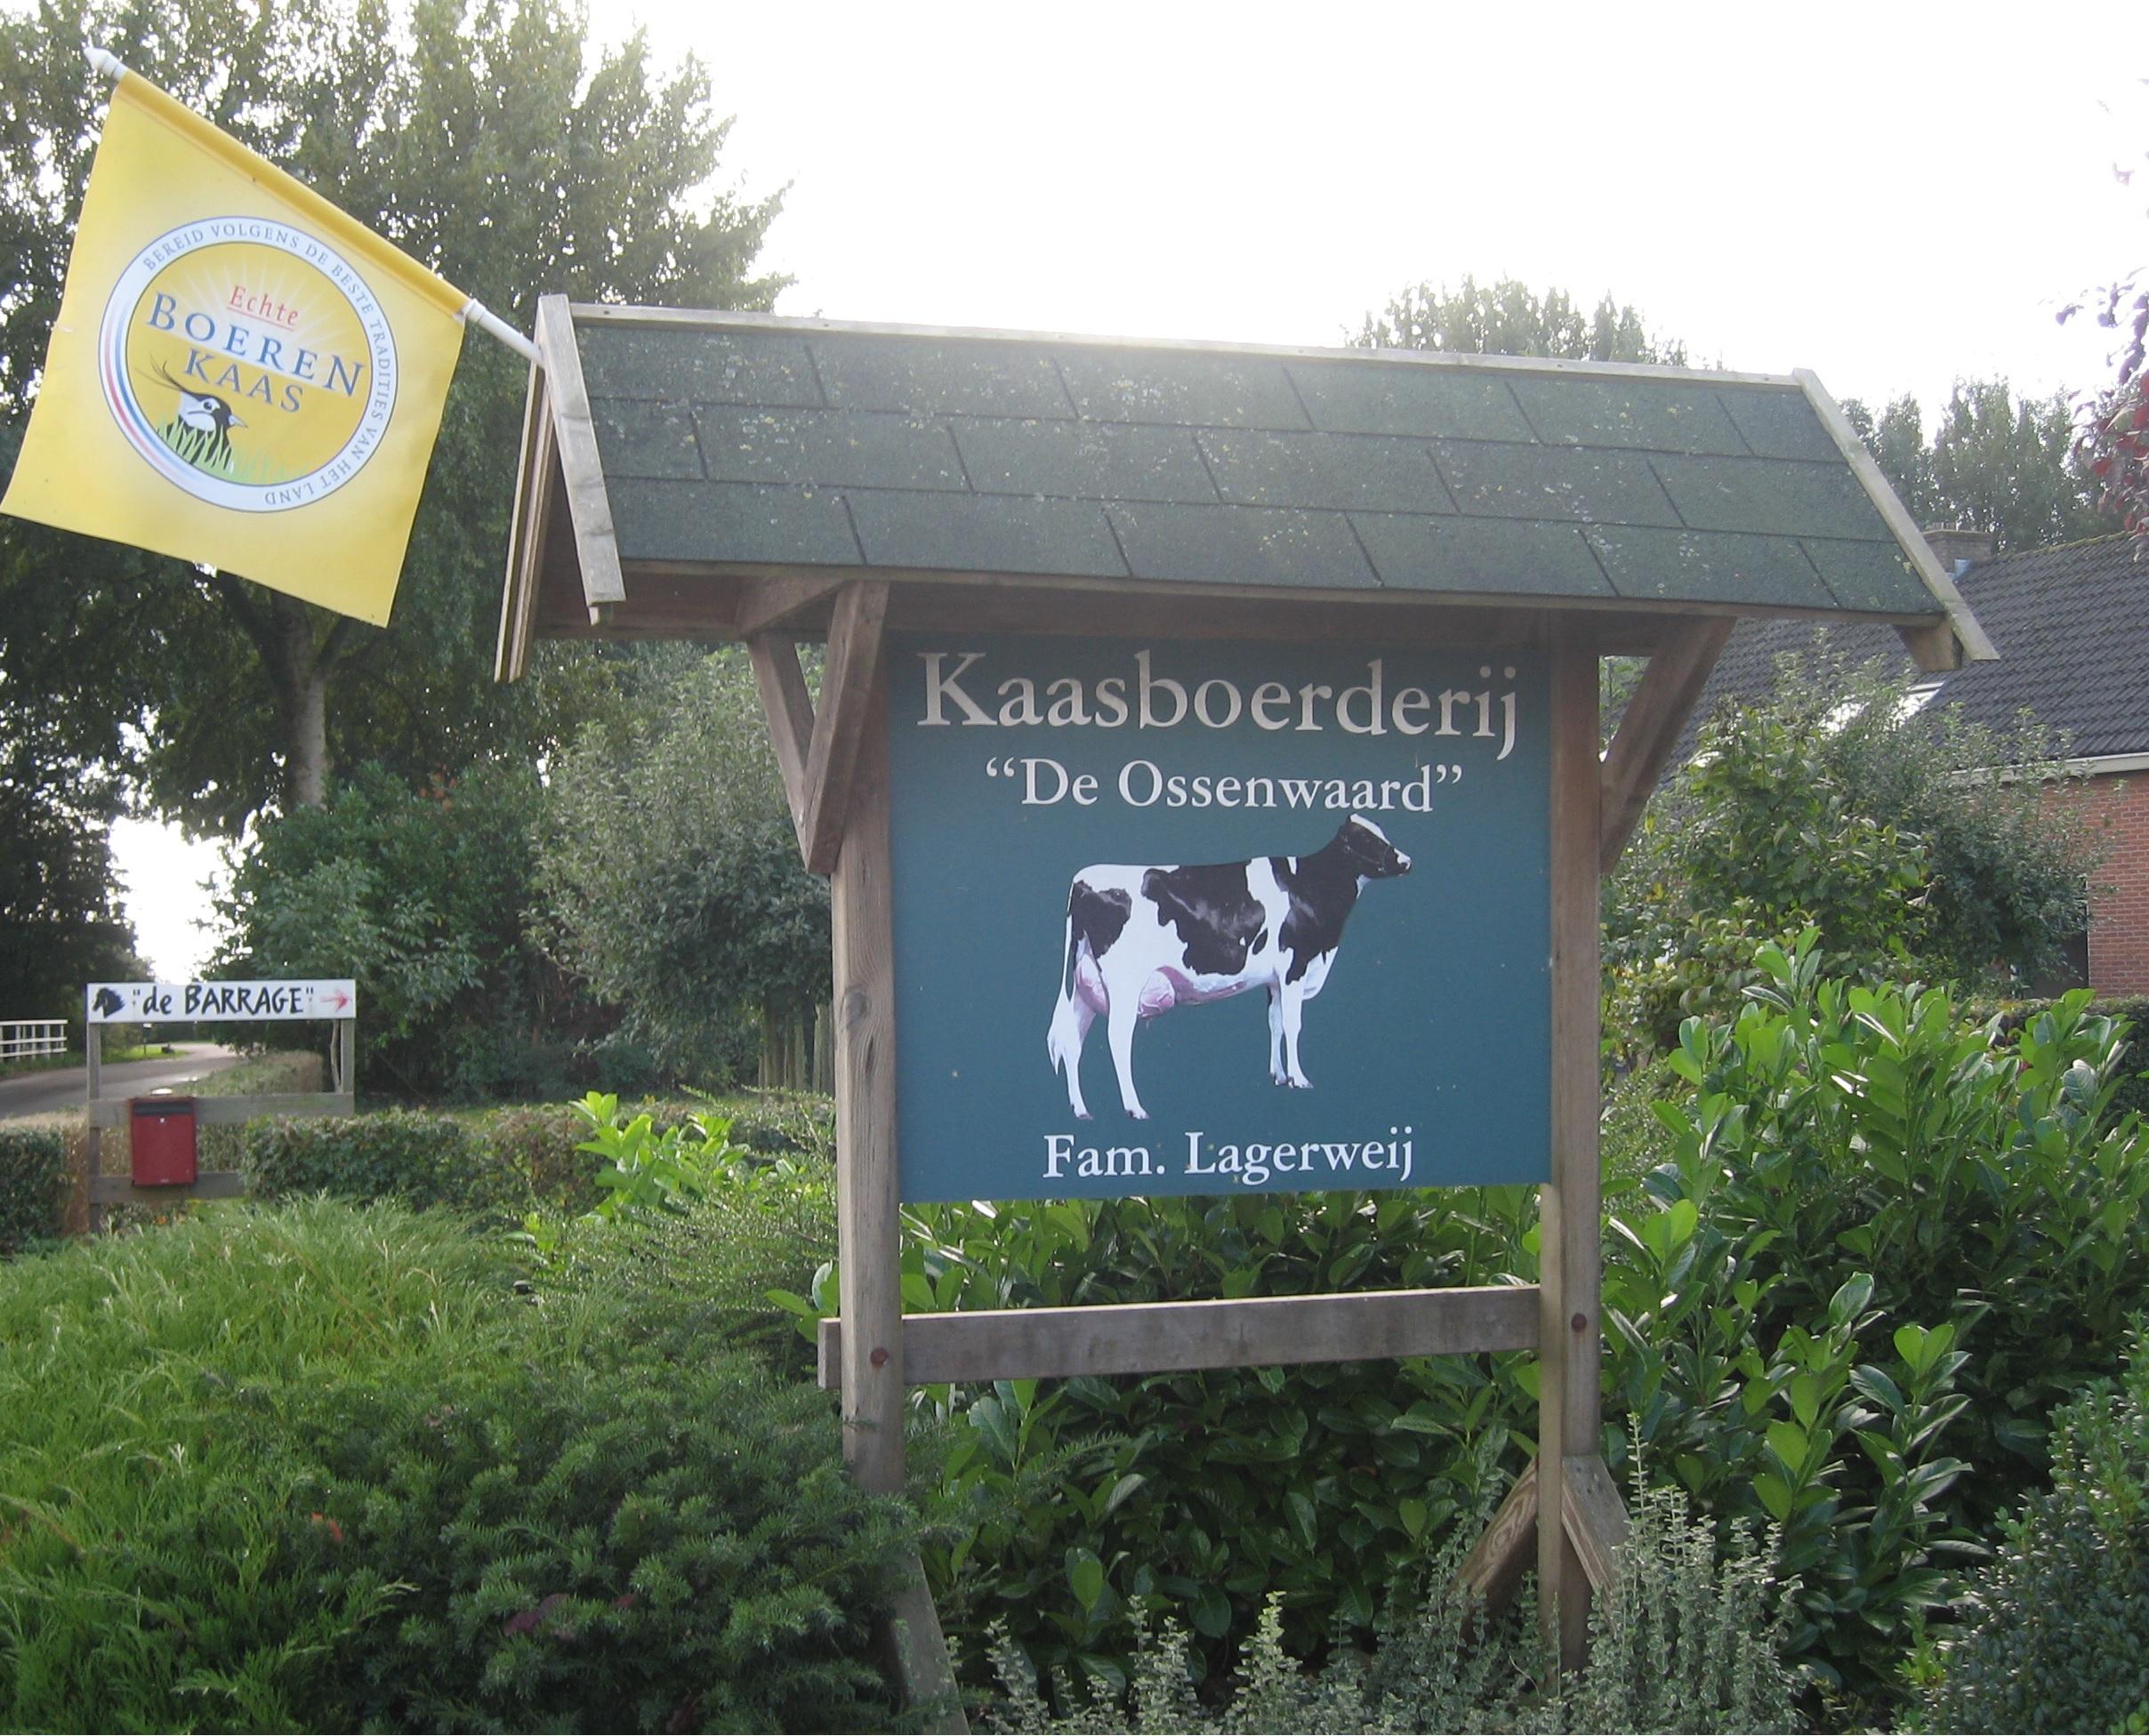 Kaasboerderij Ossenwaard